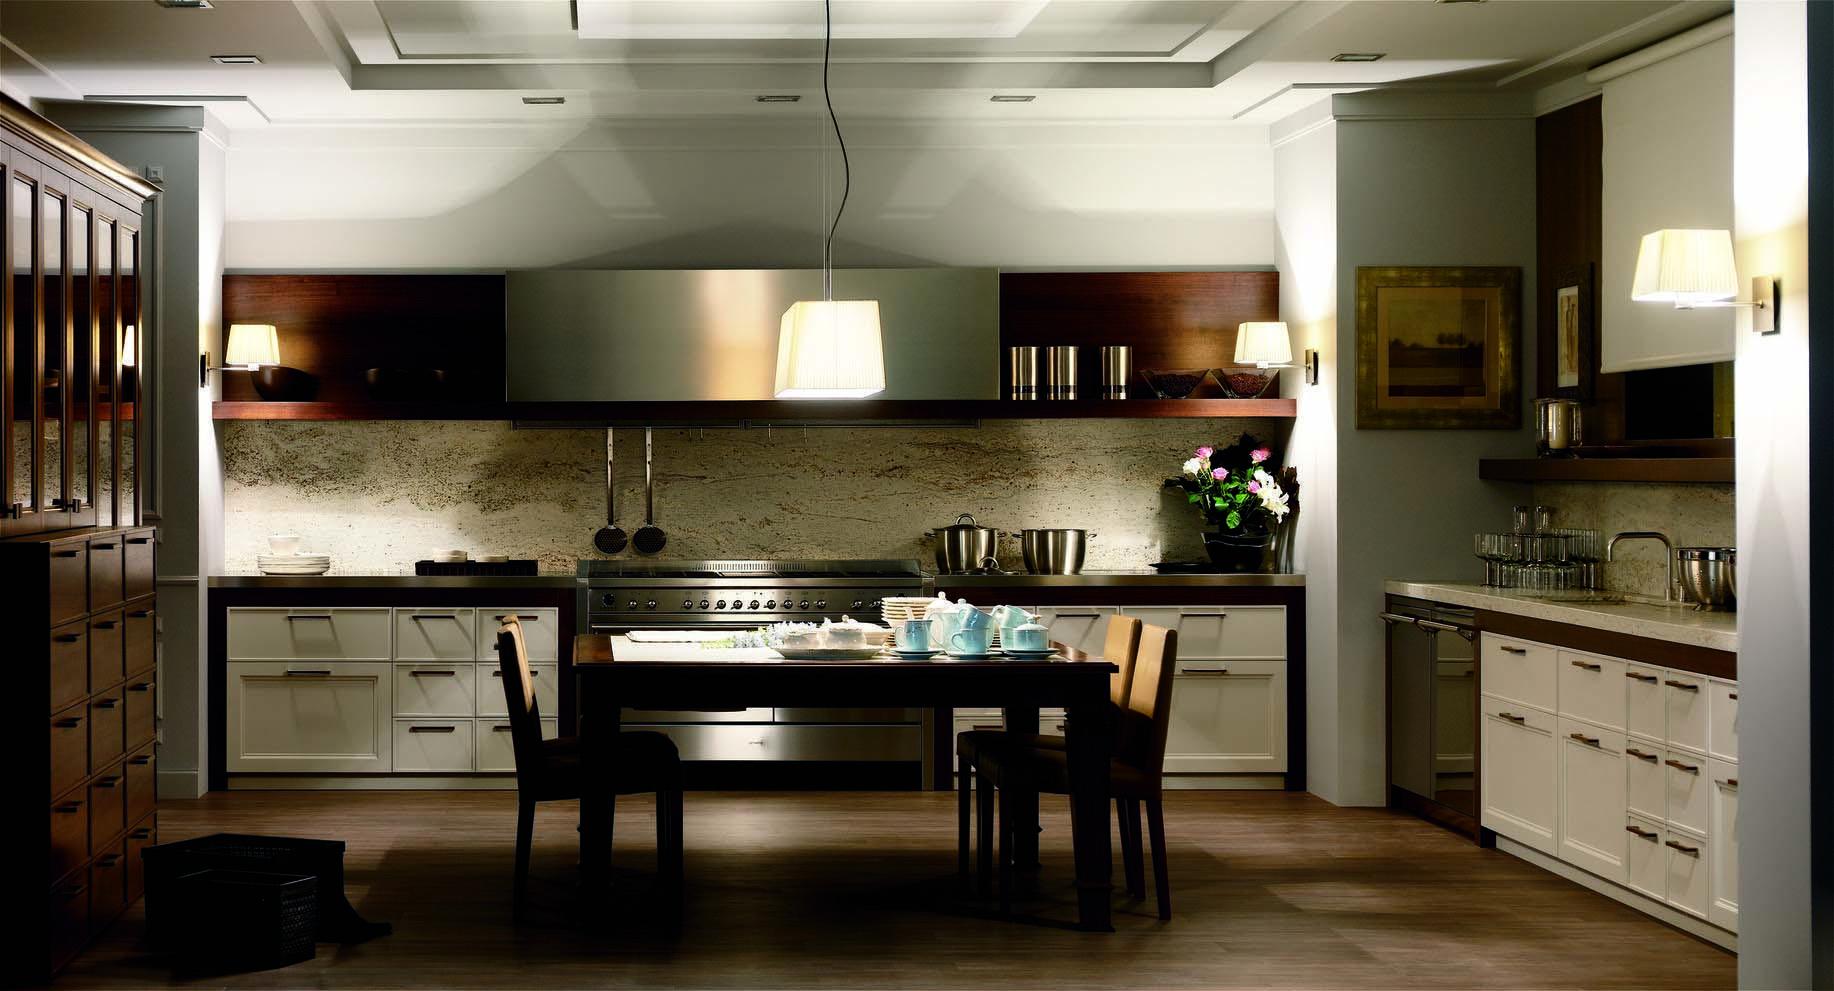 Muebles de cocina modernos y cl sicos gunni trentino for Muebles de cocina clasicos